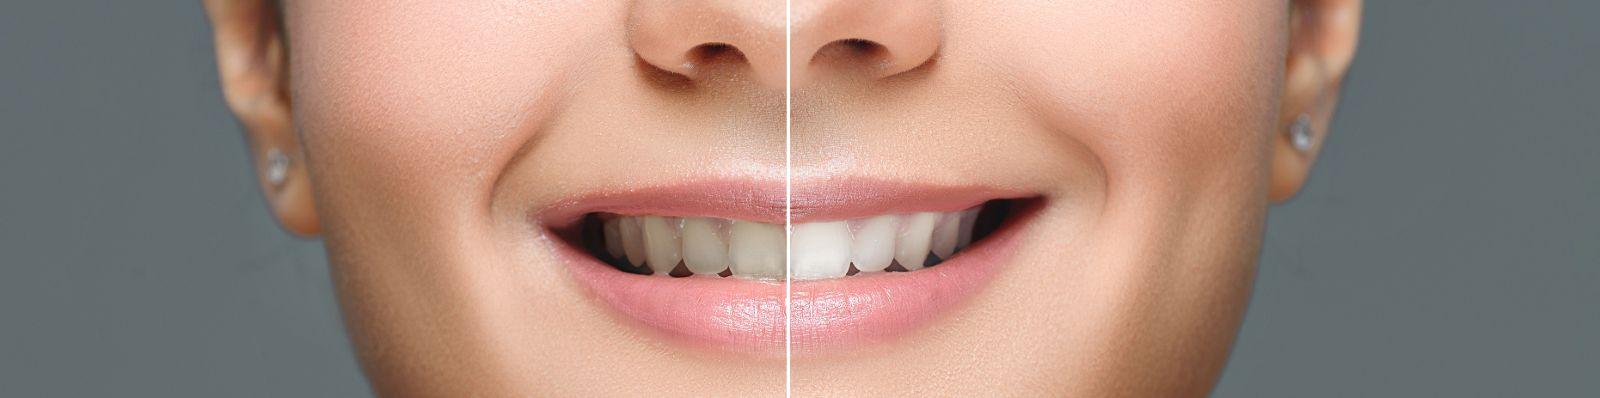 Tandblegning SlagelseTand